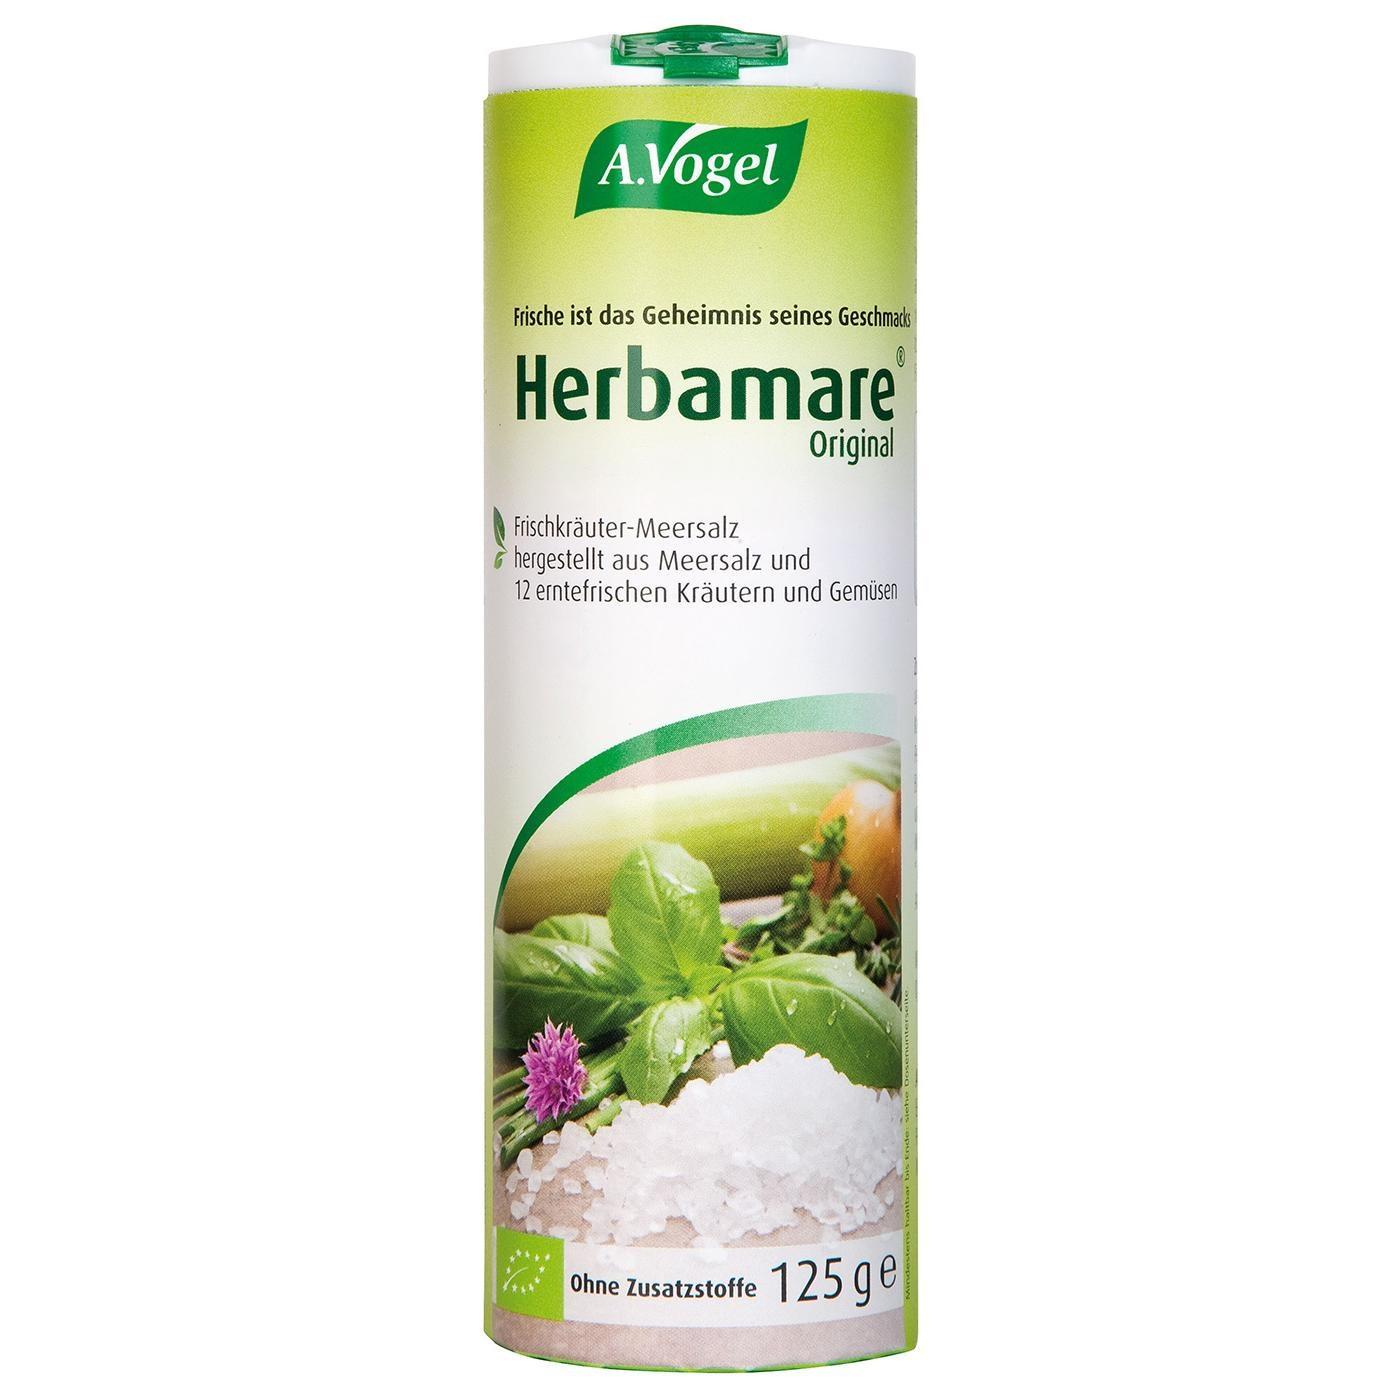 A.Vogel Bio Herbamare Original 125g